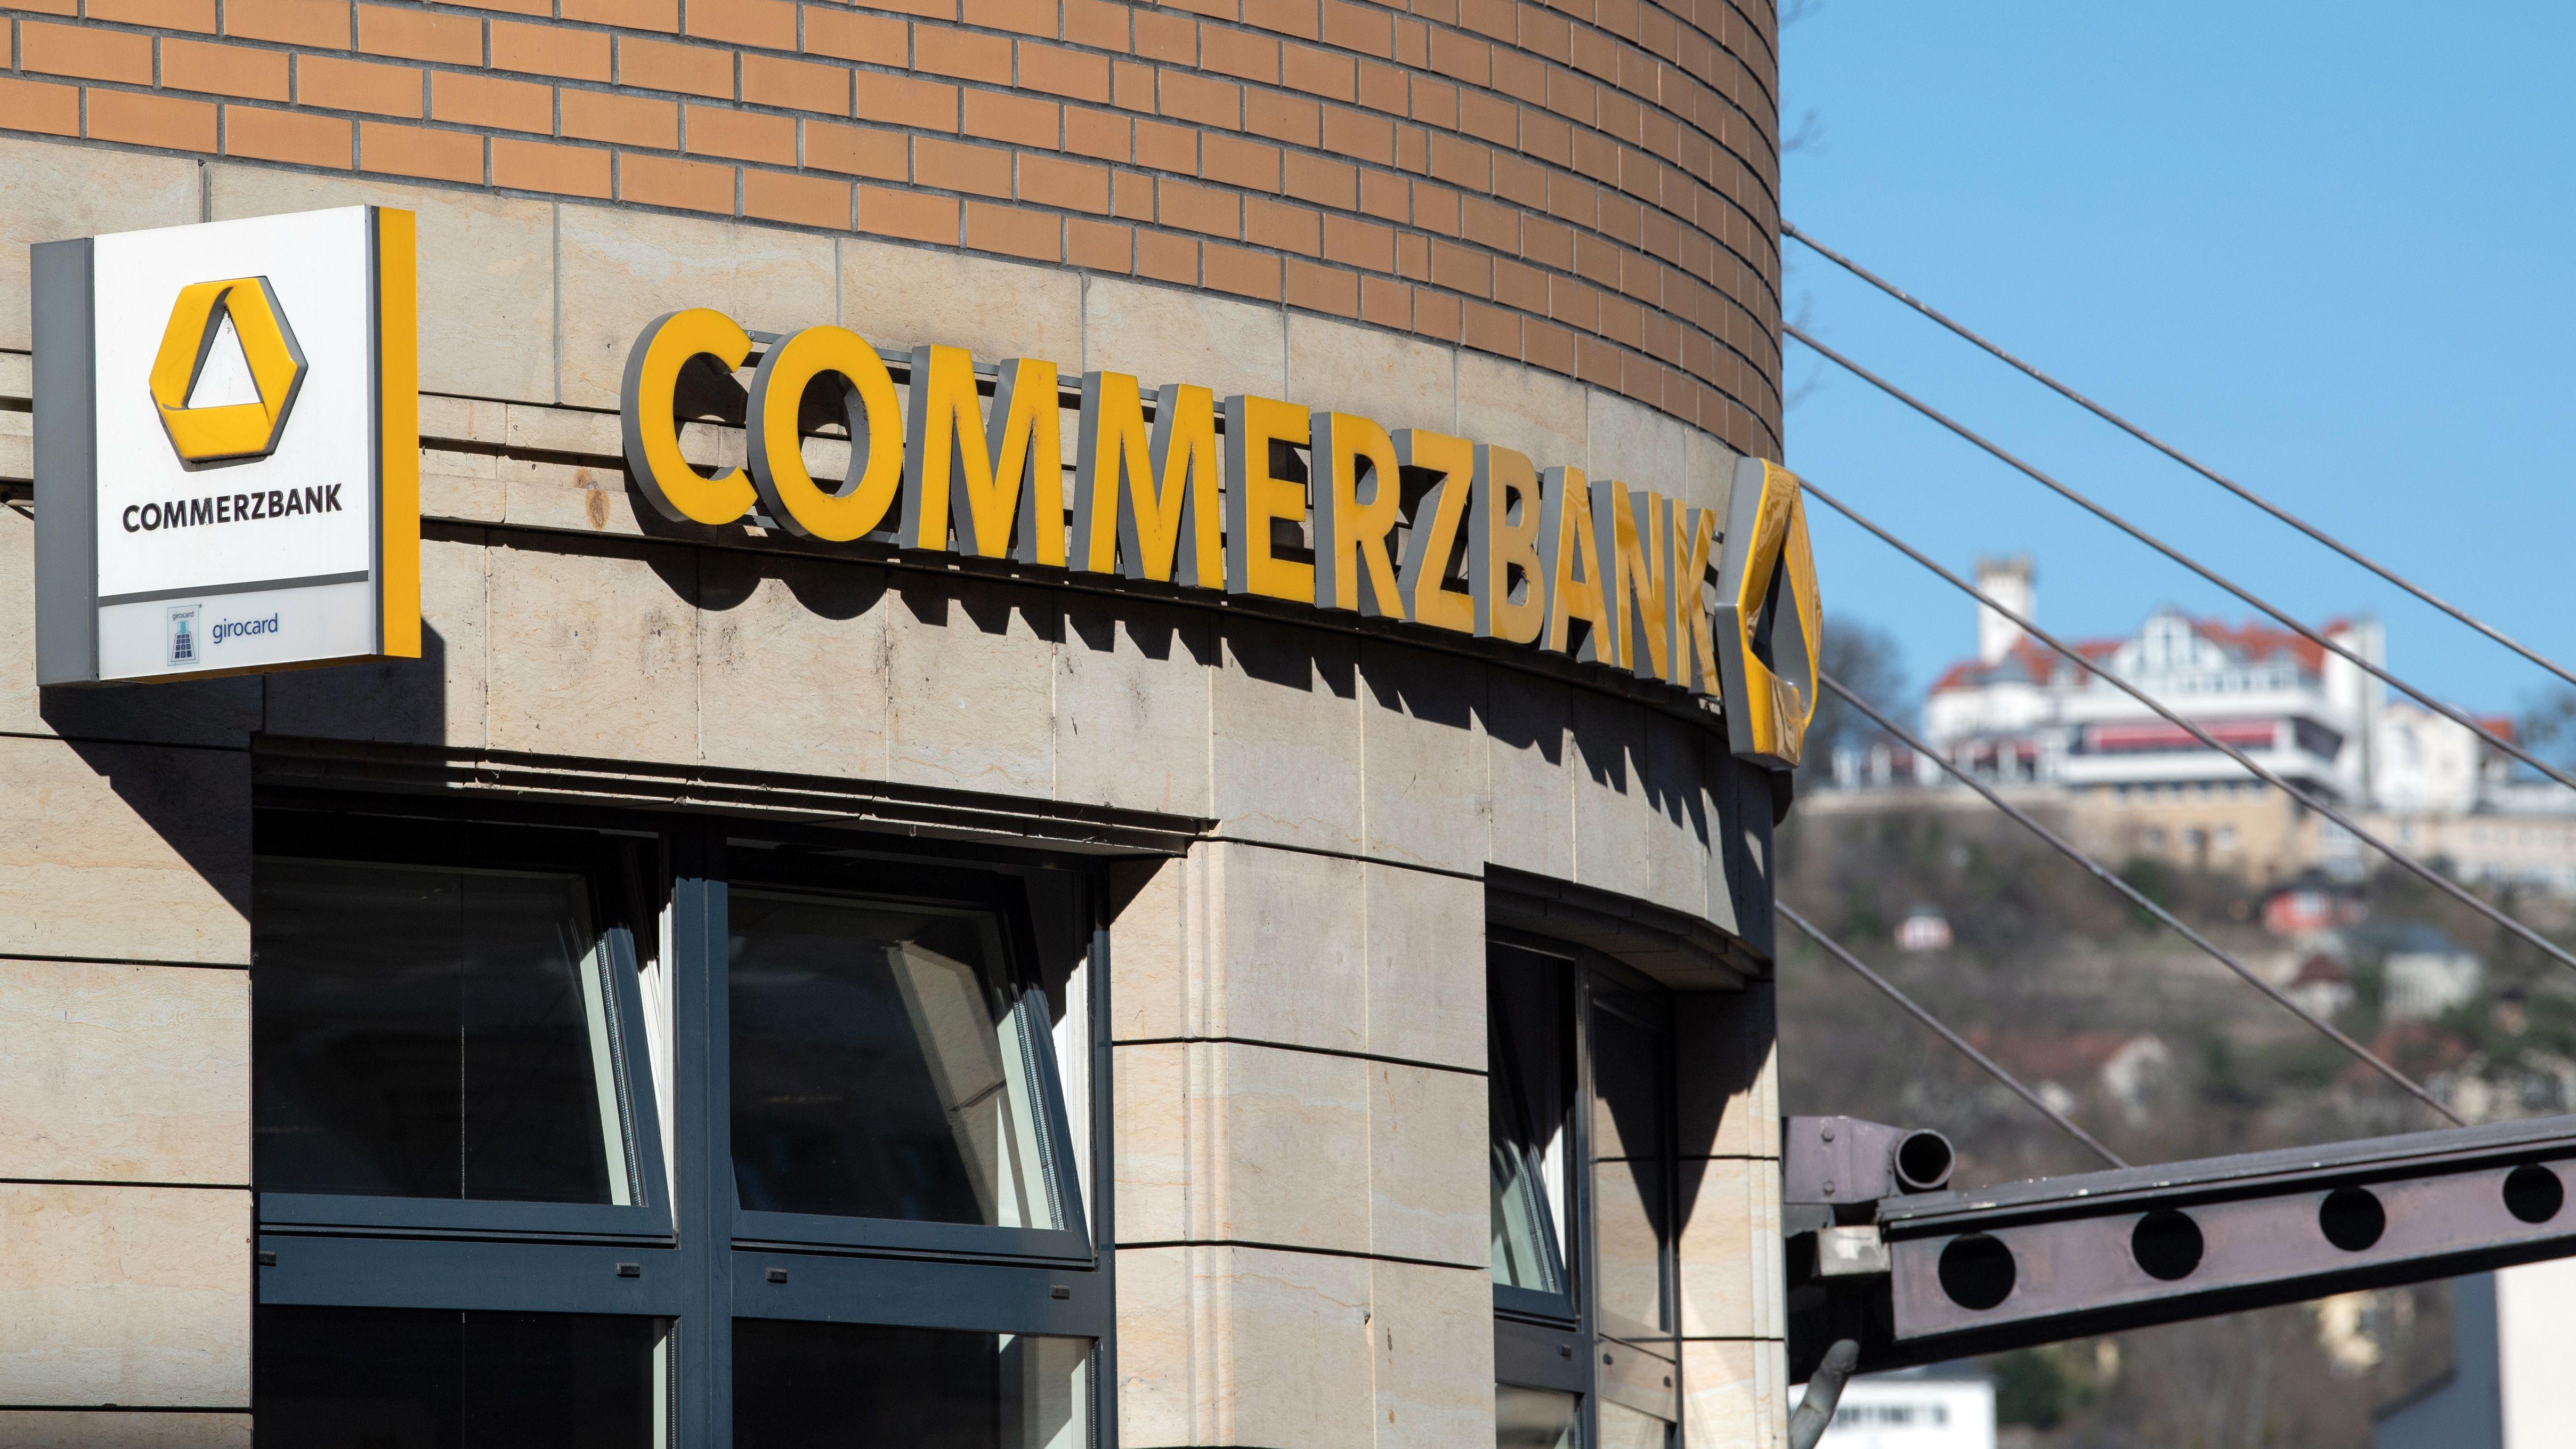 Filiale der Commerzbank von außen.